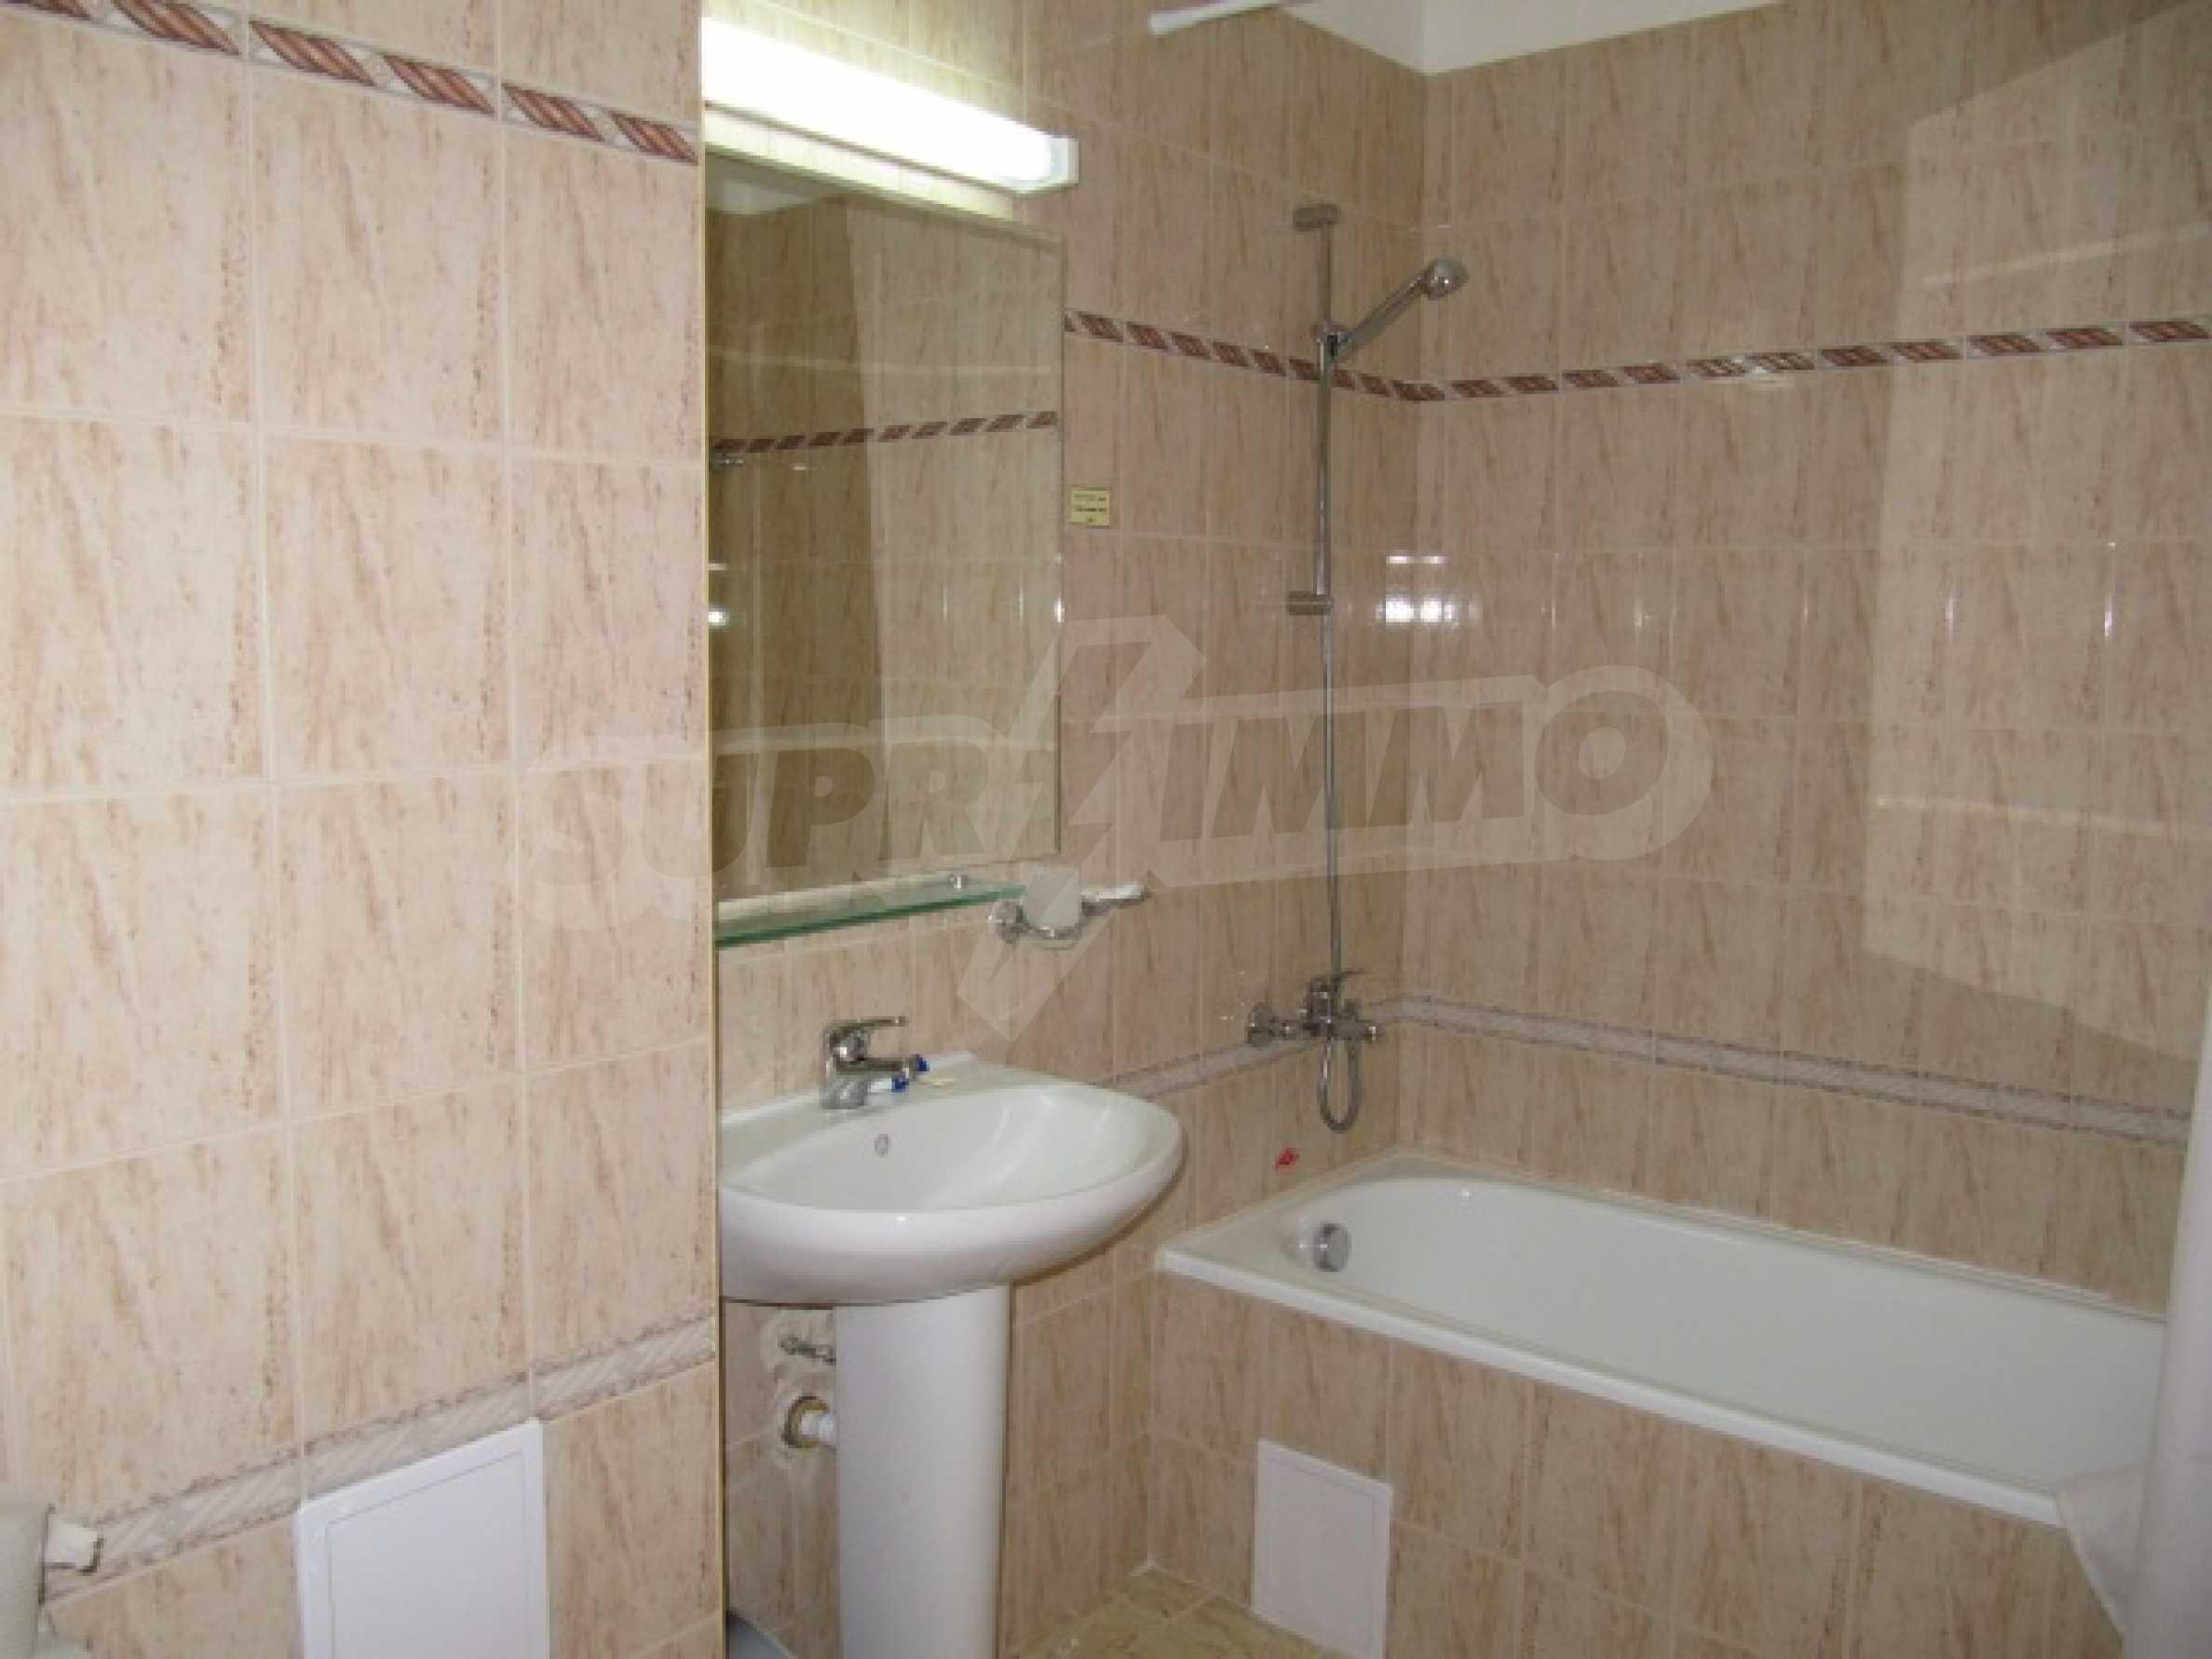 Трехкомнатная квартира на продажу в горнолыжном курорте Пампорово 16